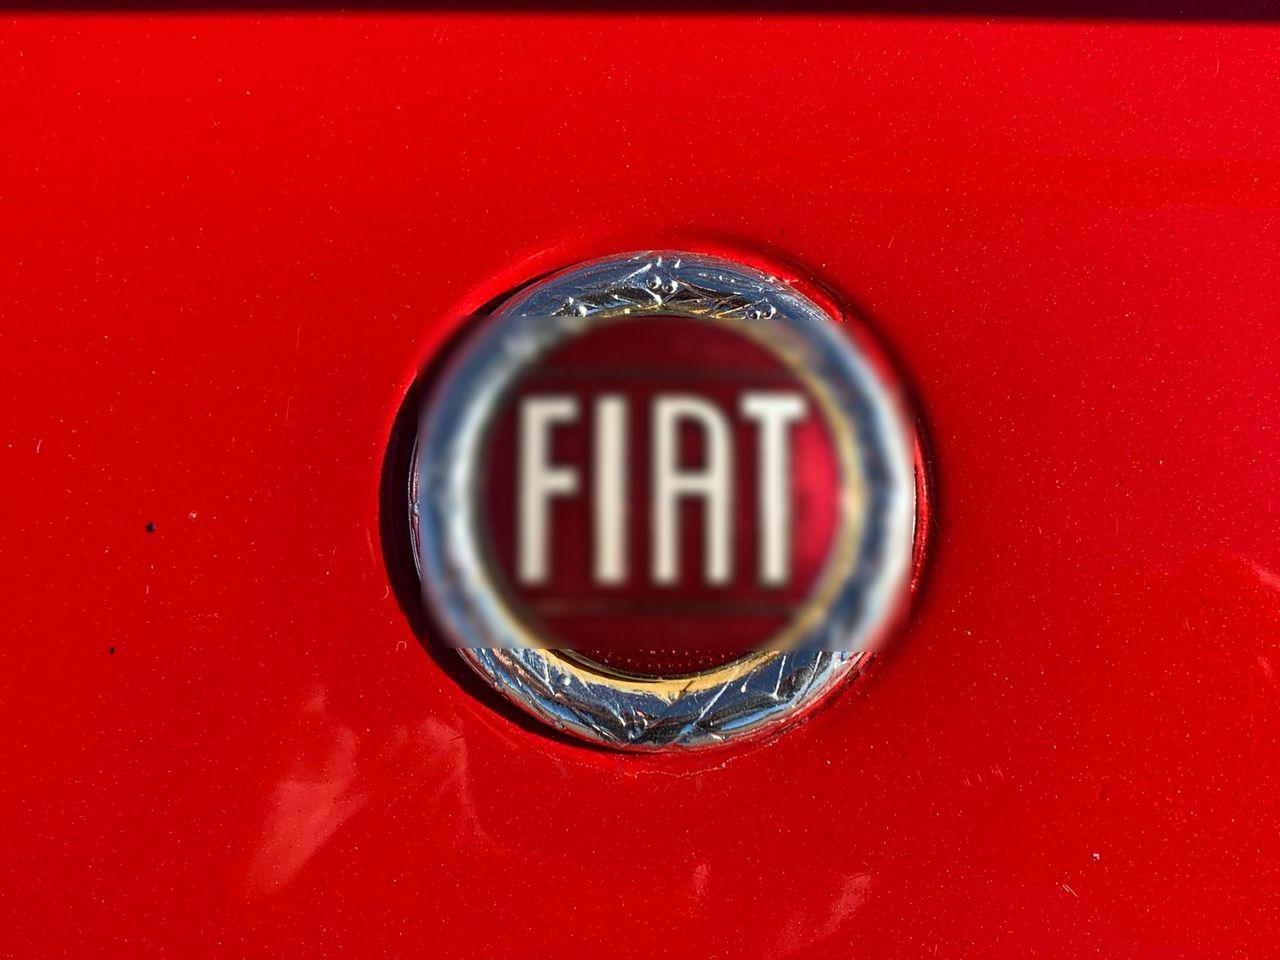 1982 FIAT 2000 Spider   Sioux Falls, SD, Red & Orange, Rear Wheel